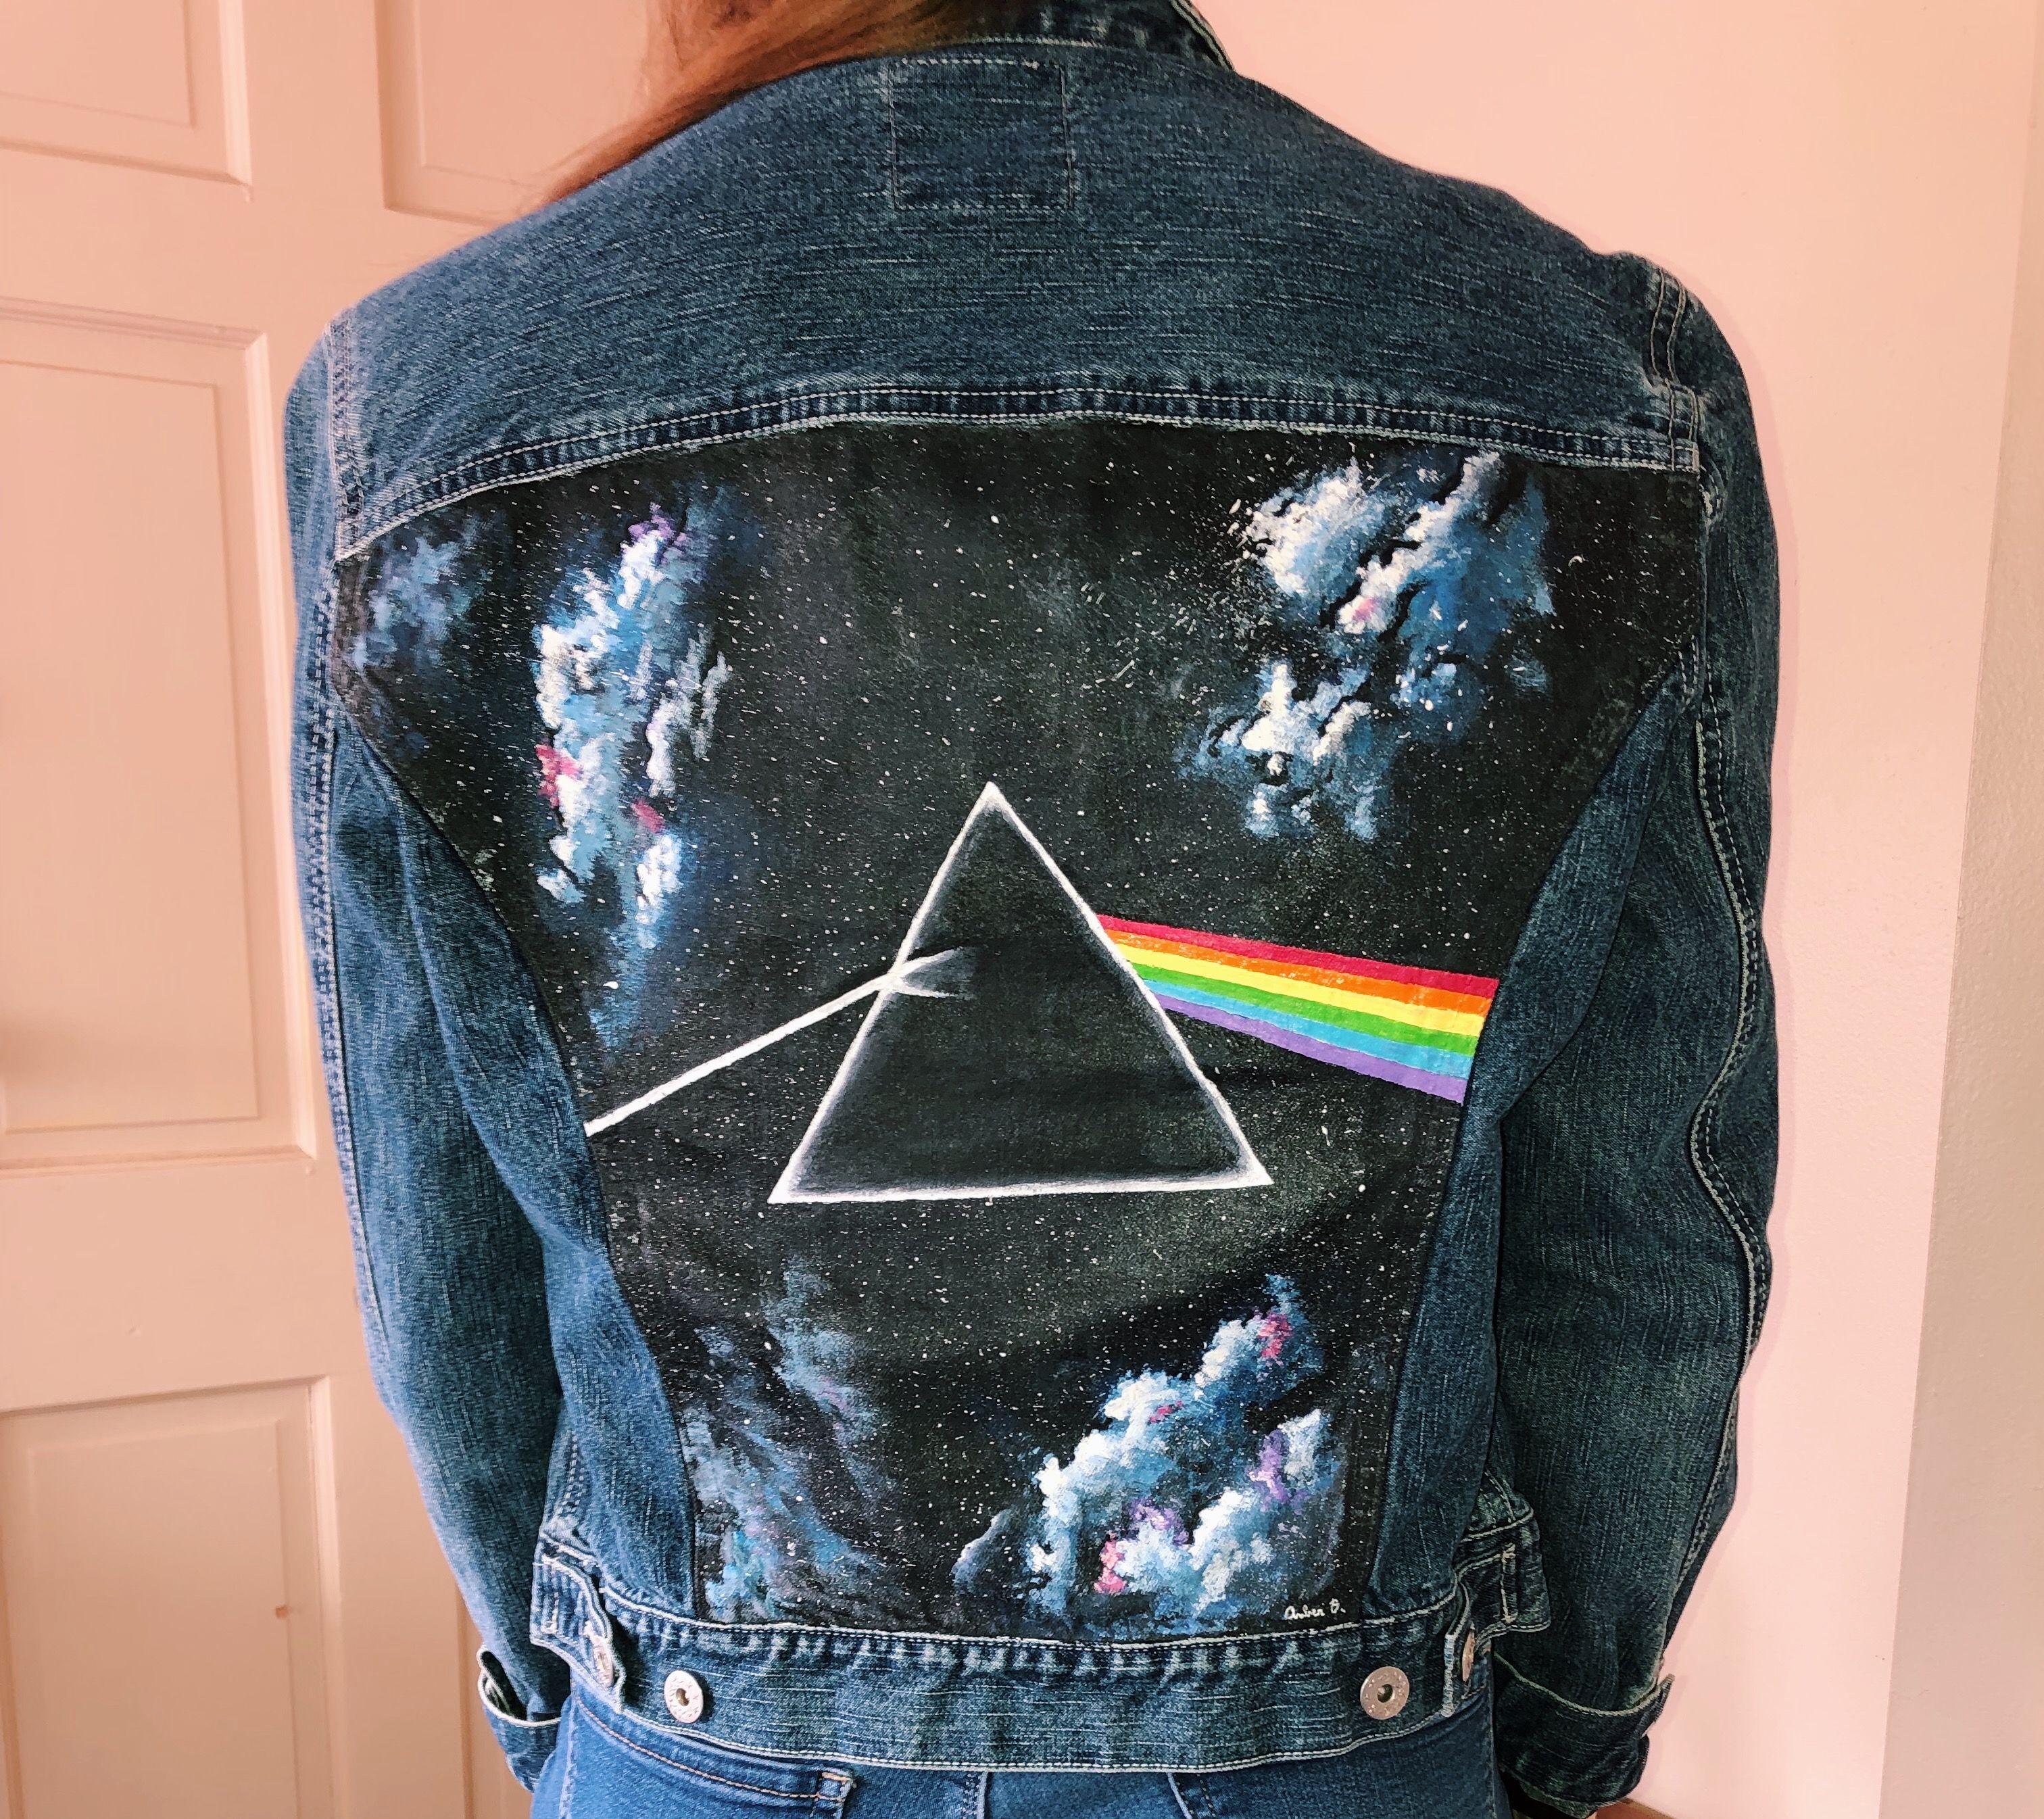 Pink Floyd Painted Denim Jacket Diy Denim Jacket Diy Jacket Painted Denim Jacket [ 2691 x 3024 Pixel ]